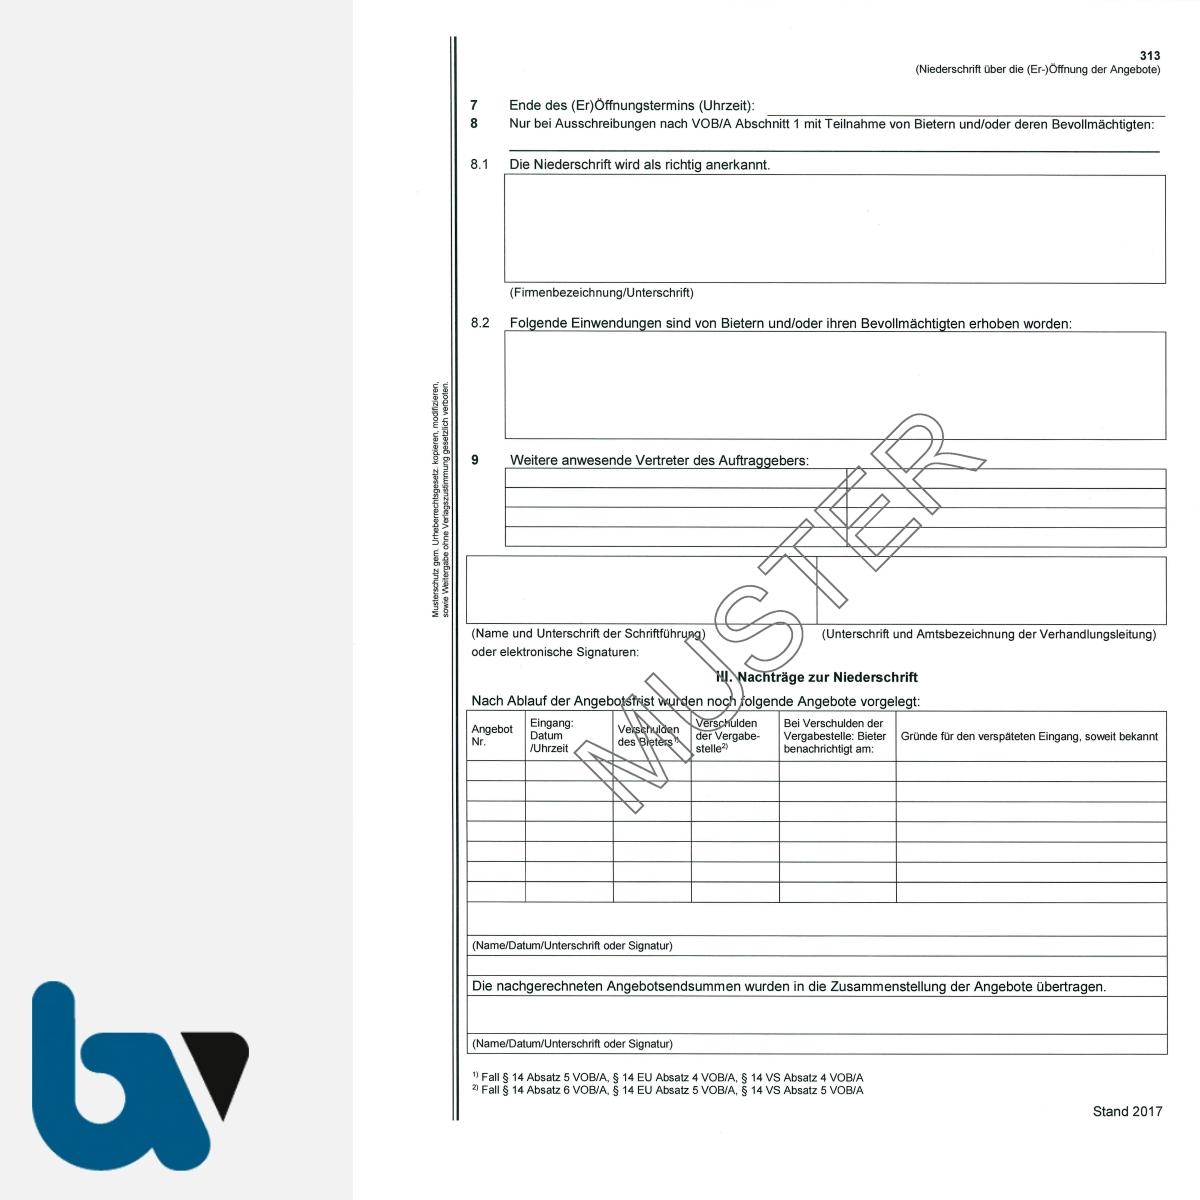 0/704-9 Verdingungsverhandlung Niederschrift Ausschreibung Submission VOB VOL VgV VSVgV Doppelbogen DIN A4 Seite 2 | Borgard Verlag GmbH